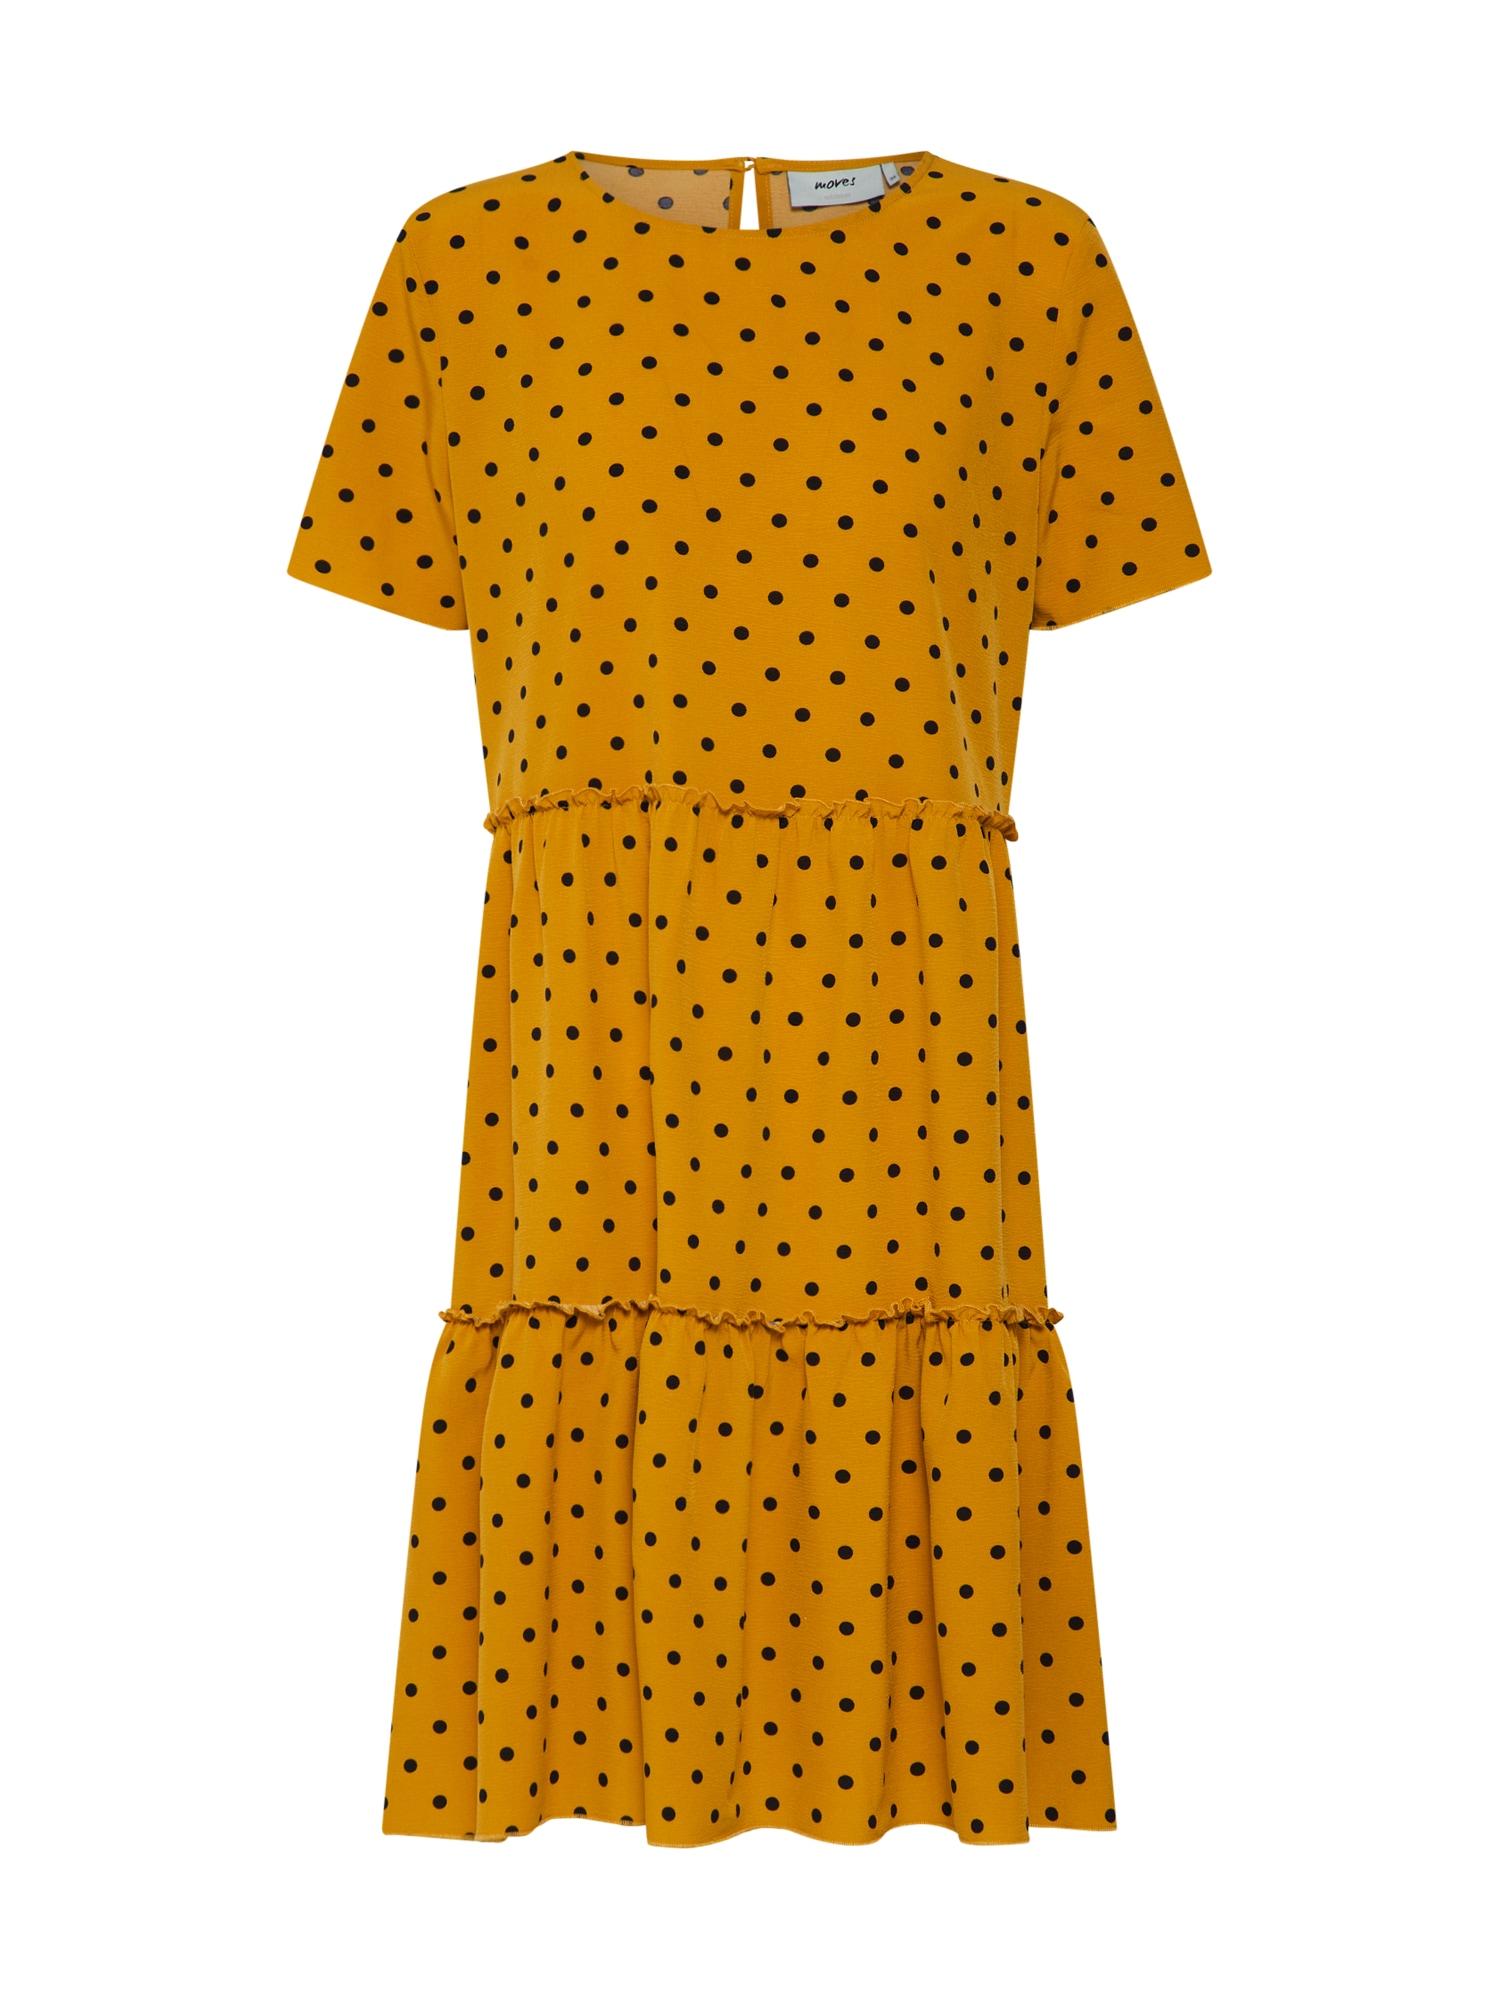 Šaty milani 1353 zlatě žlutá černá Moves